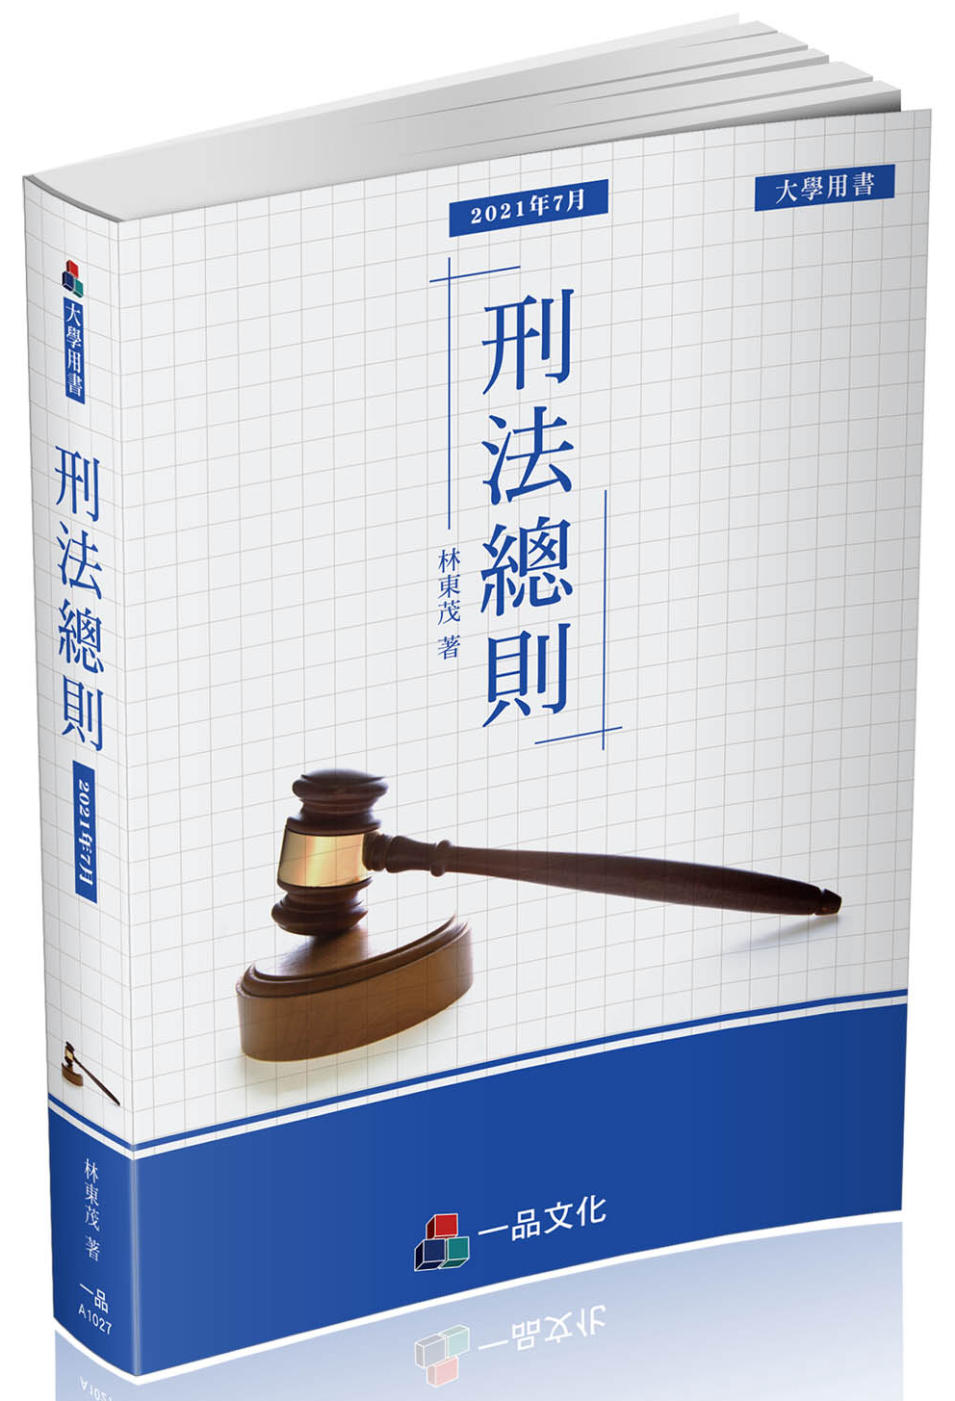 A1027-刑法總則-大學用書...